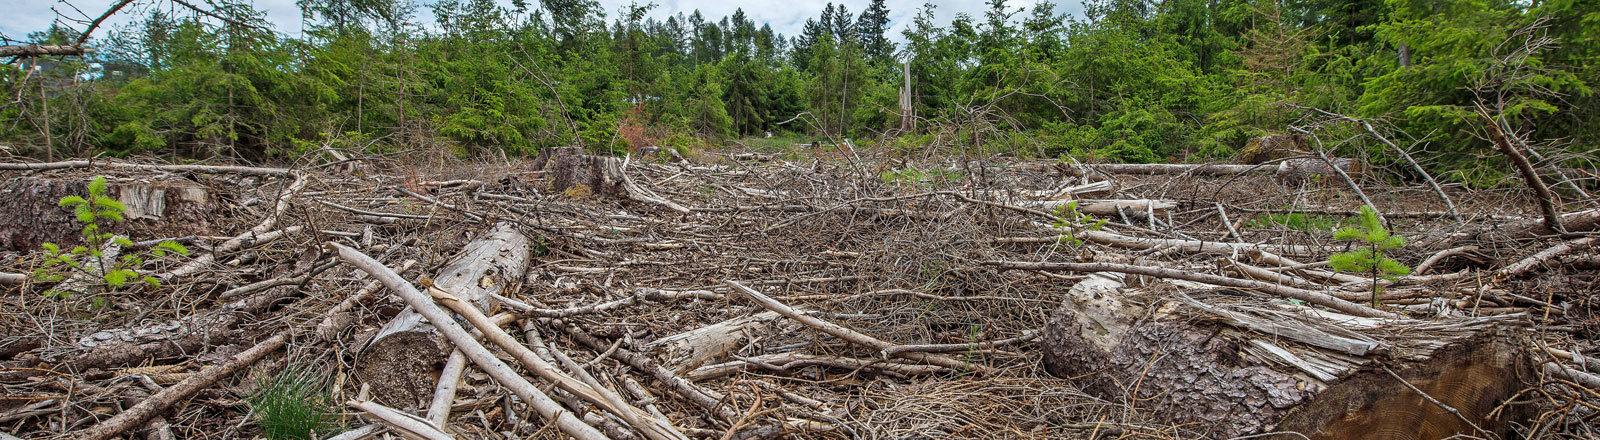 Abgestorbene Baeume bei Glashuetten im Taunus (Foto vom 24.05.2020). Die Trockenheit ist die Ursache fuer die Schaeden. Der Klimawandel gilt als einer der Hauptgruende dafuer.